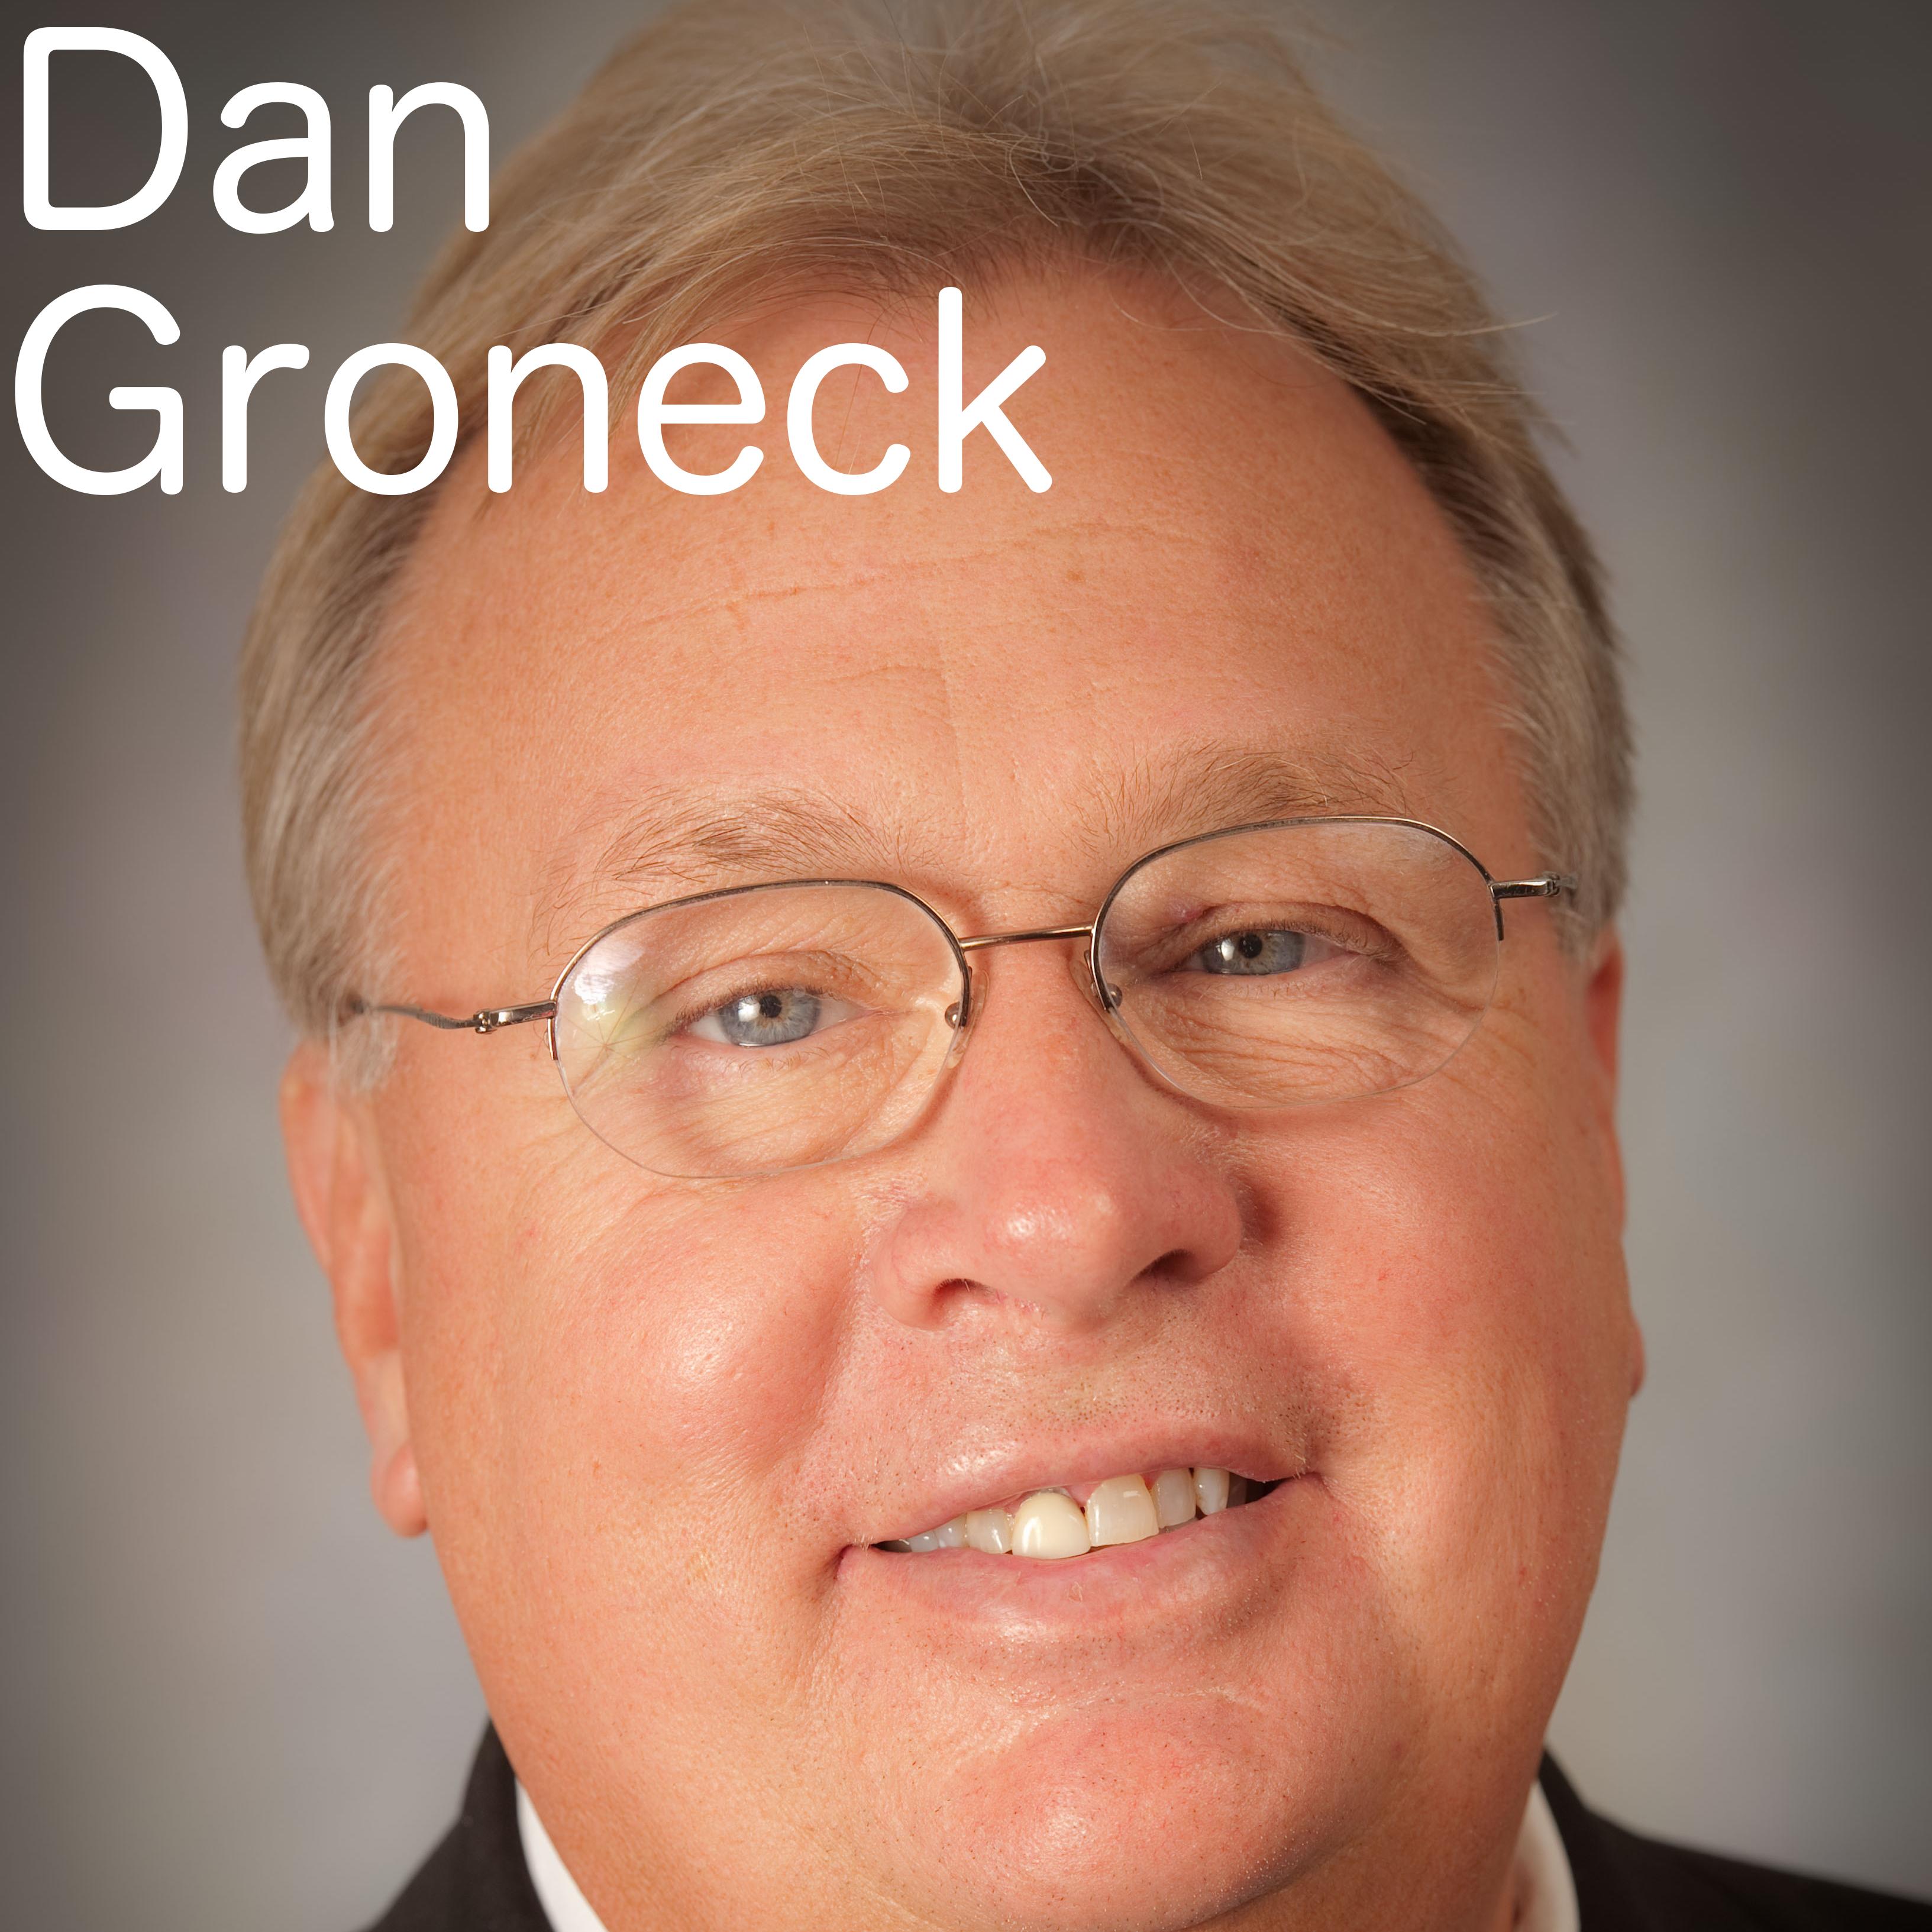 Dan Groneck